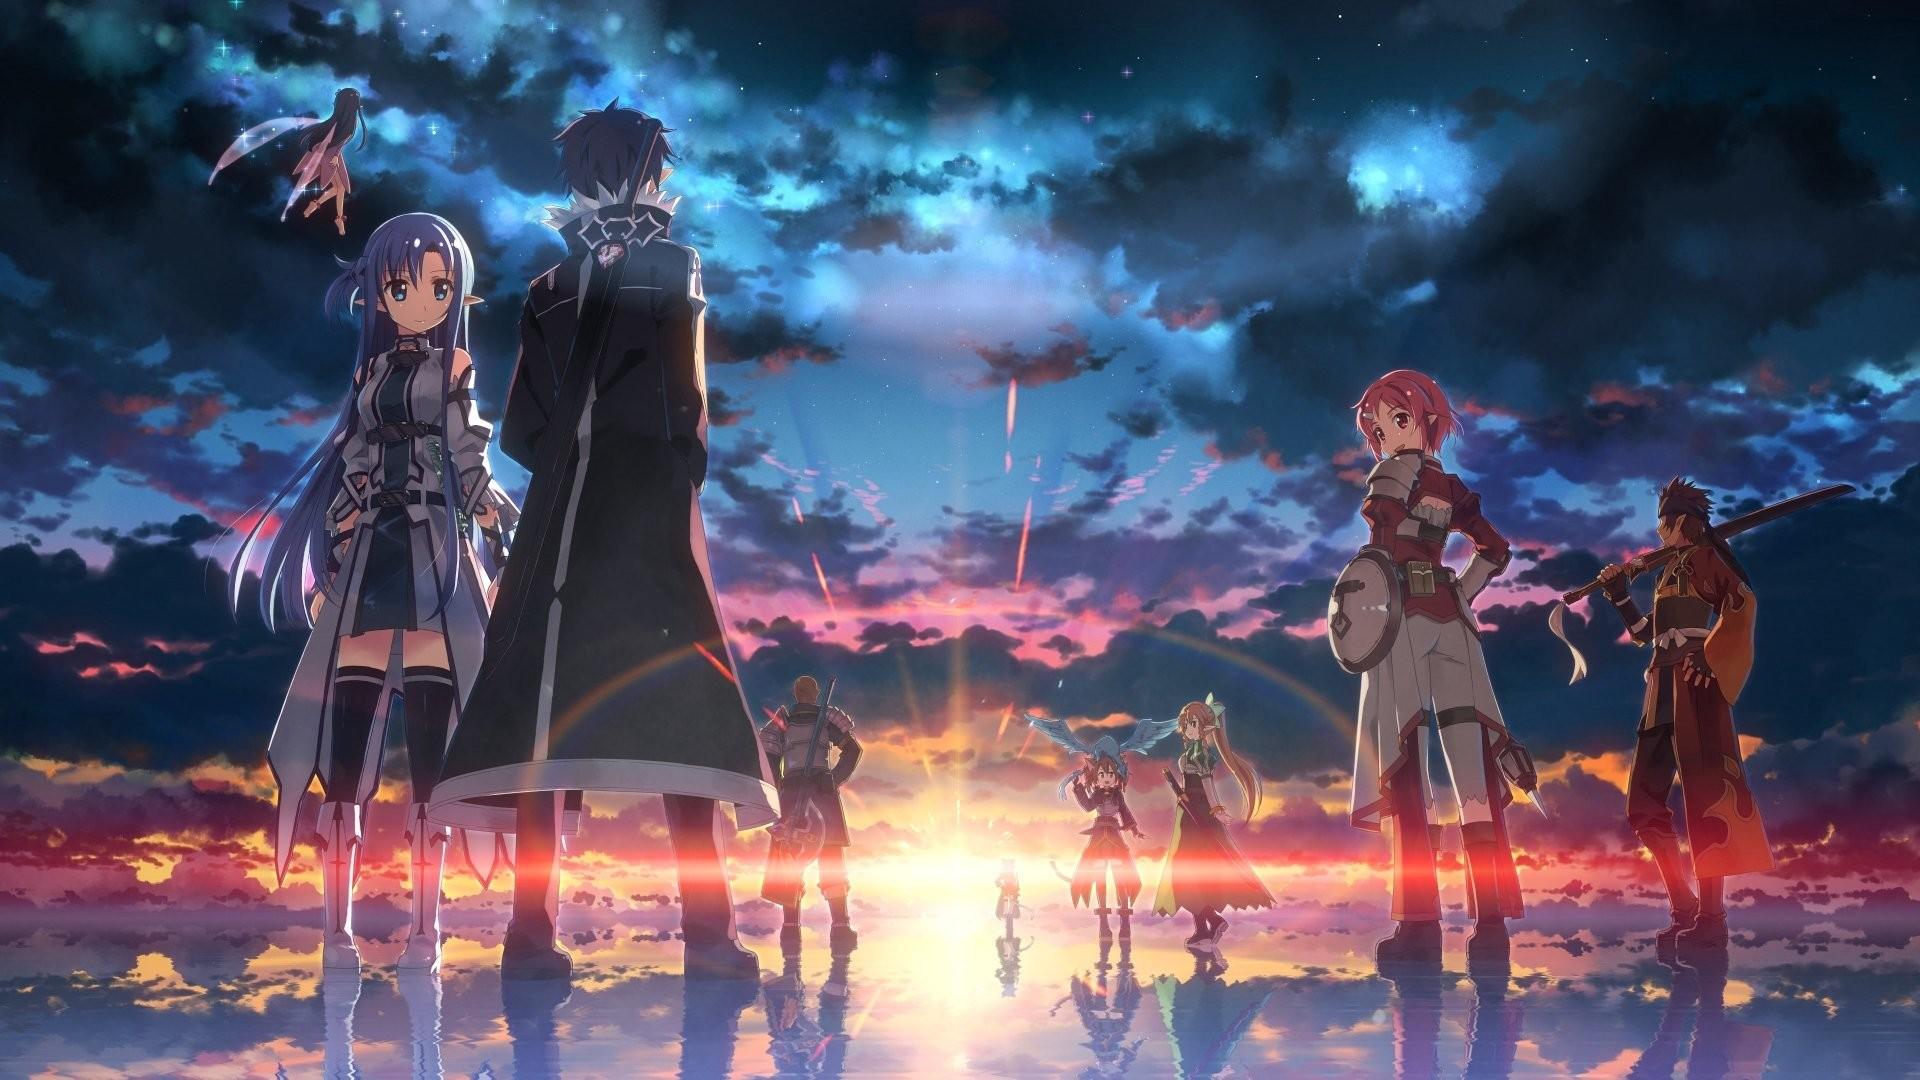 Sword Art Online Desktop Wallpaper 77 Images